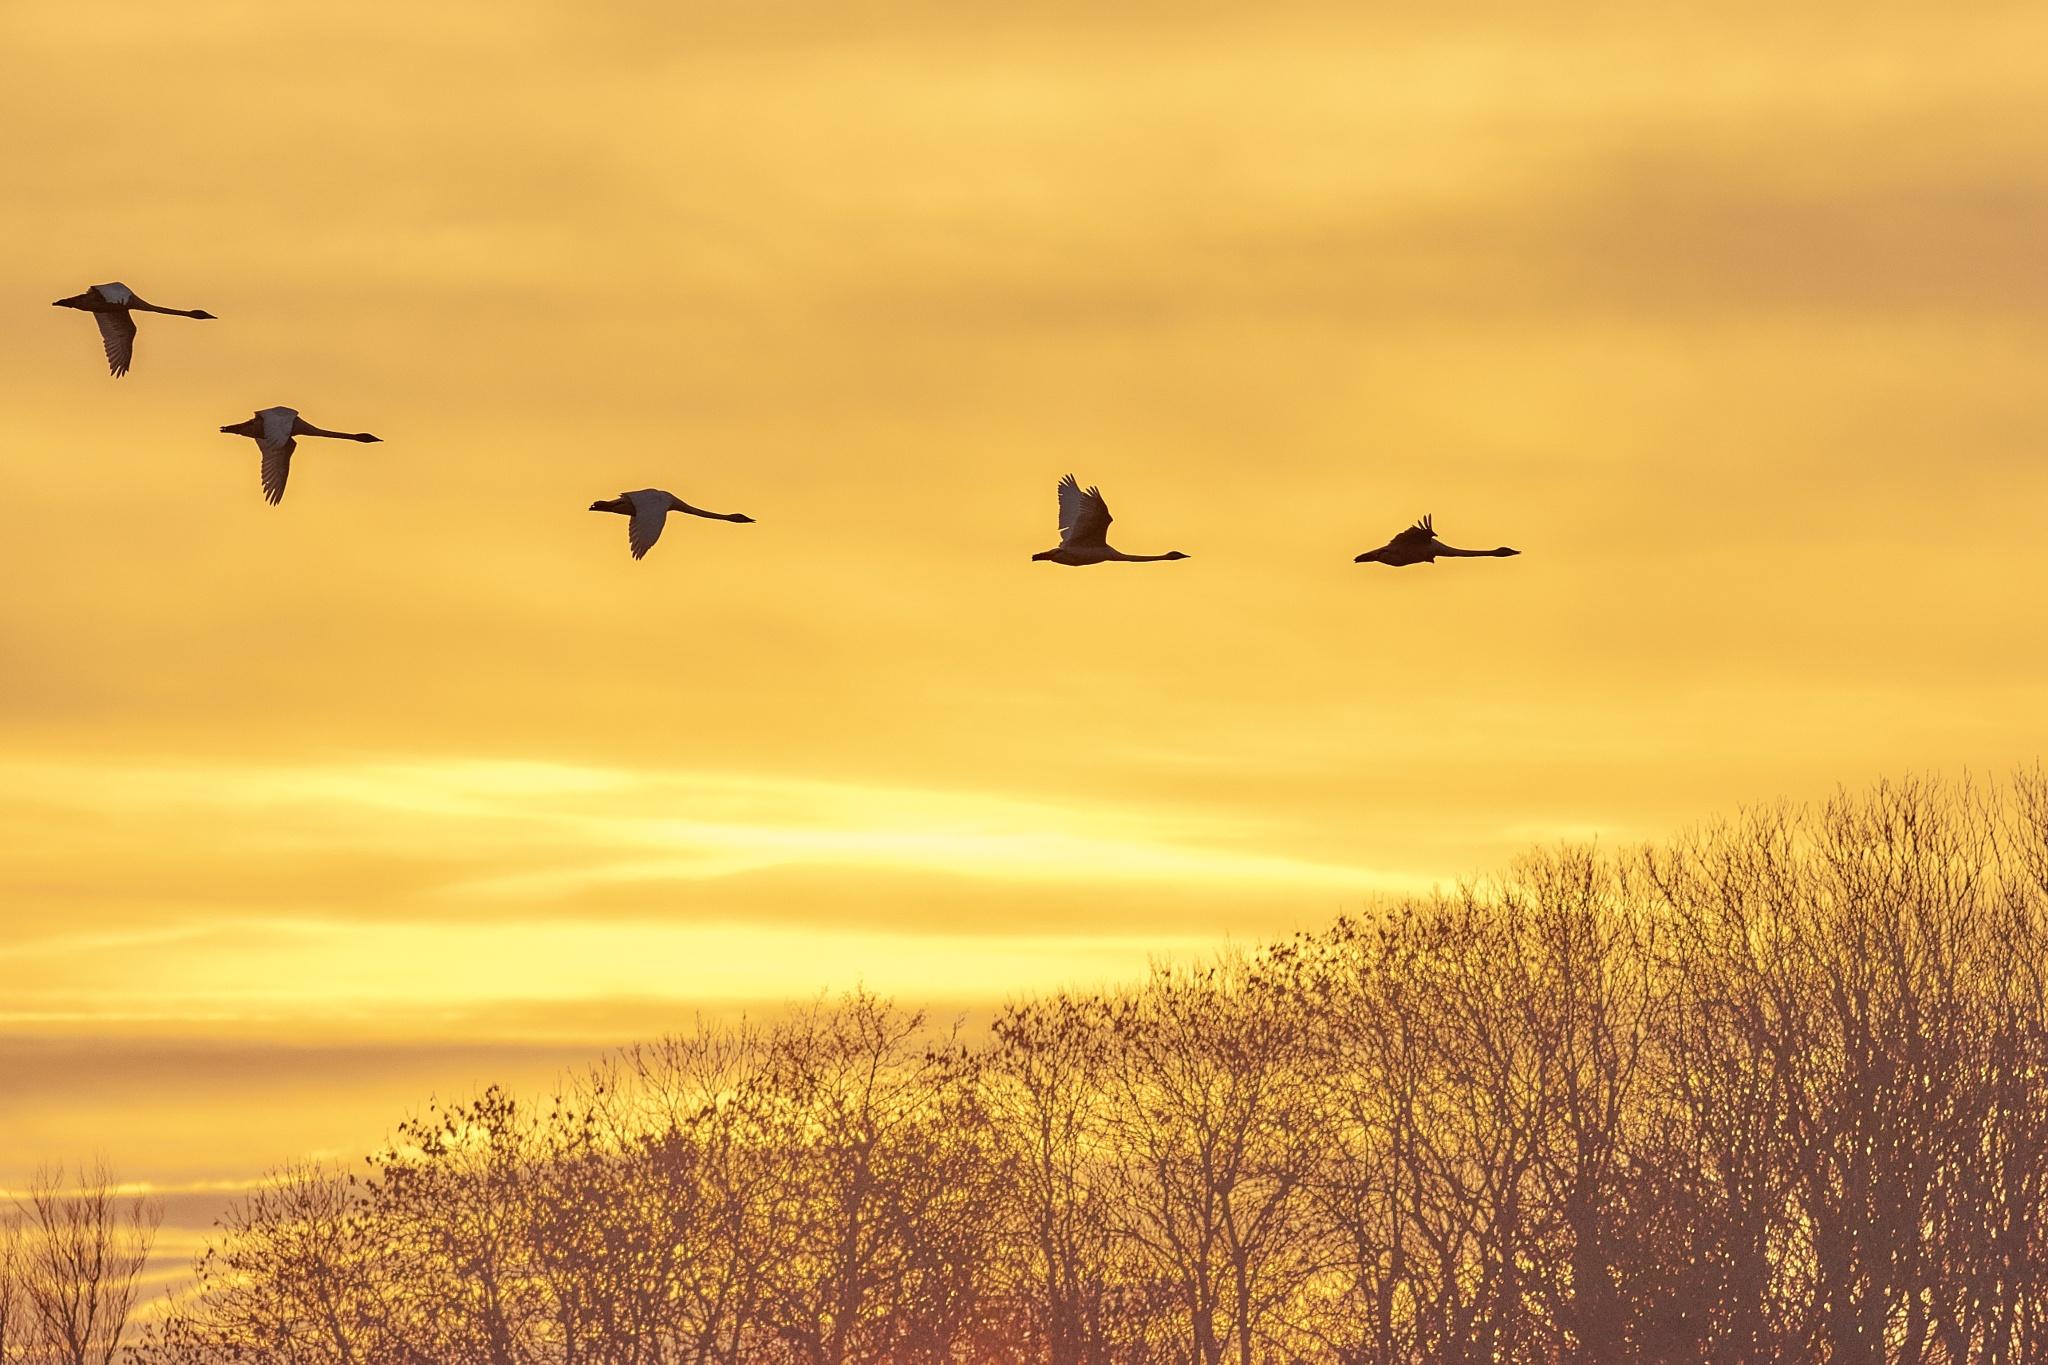 swans by miwwim